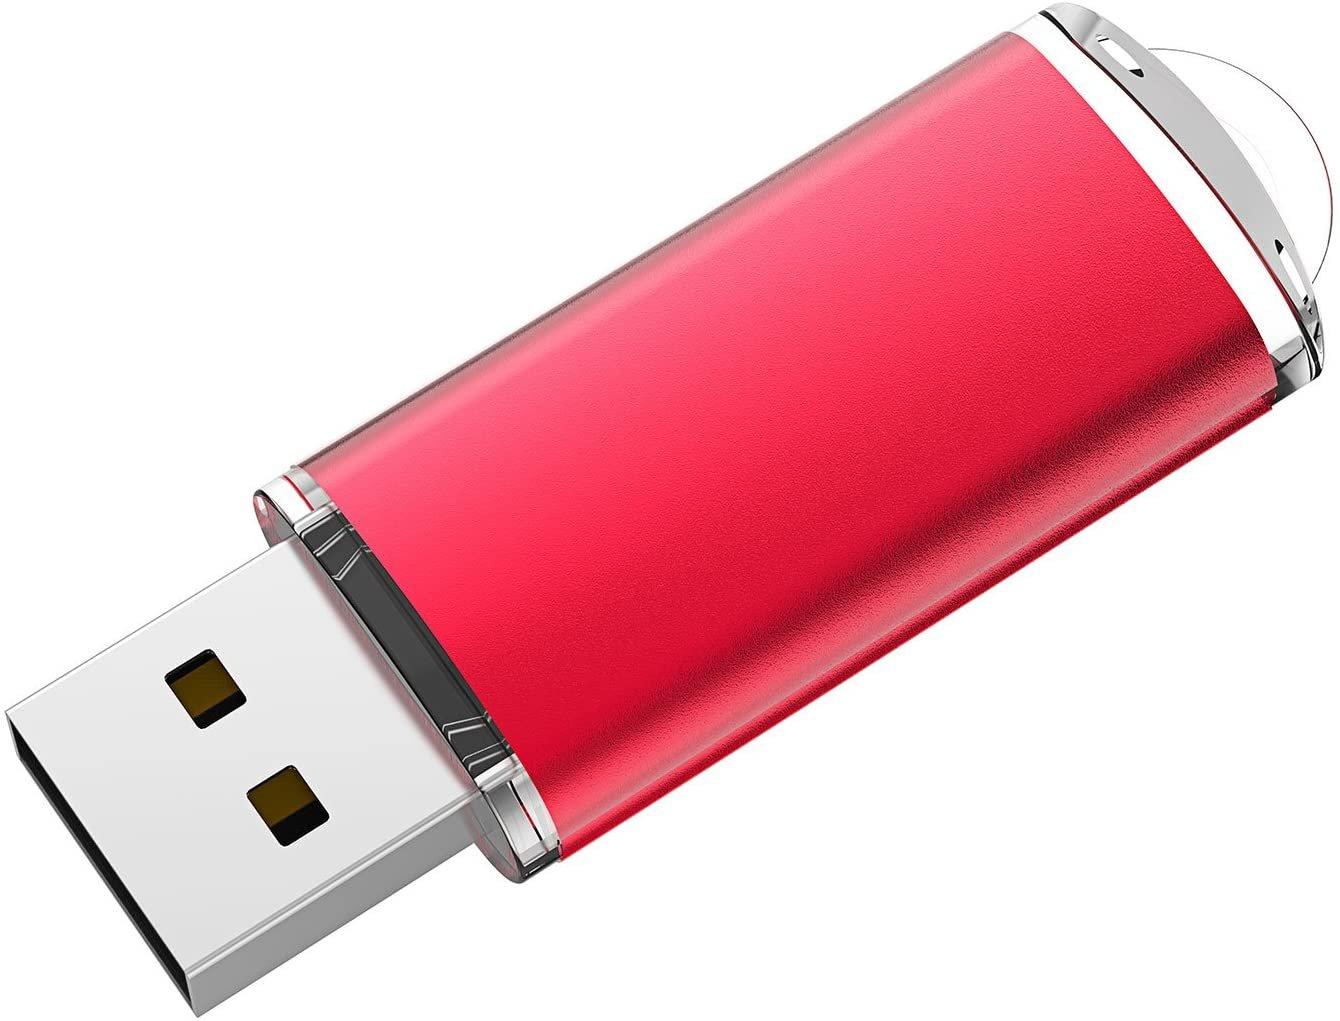 8GB USB FLASH DRIVE HUSQVARNA VIKING